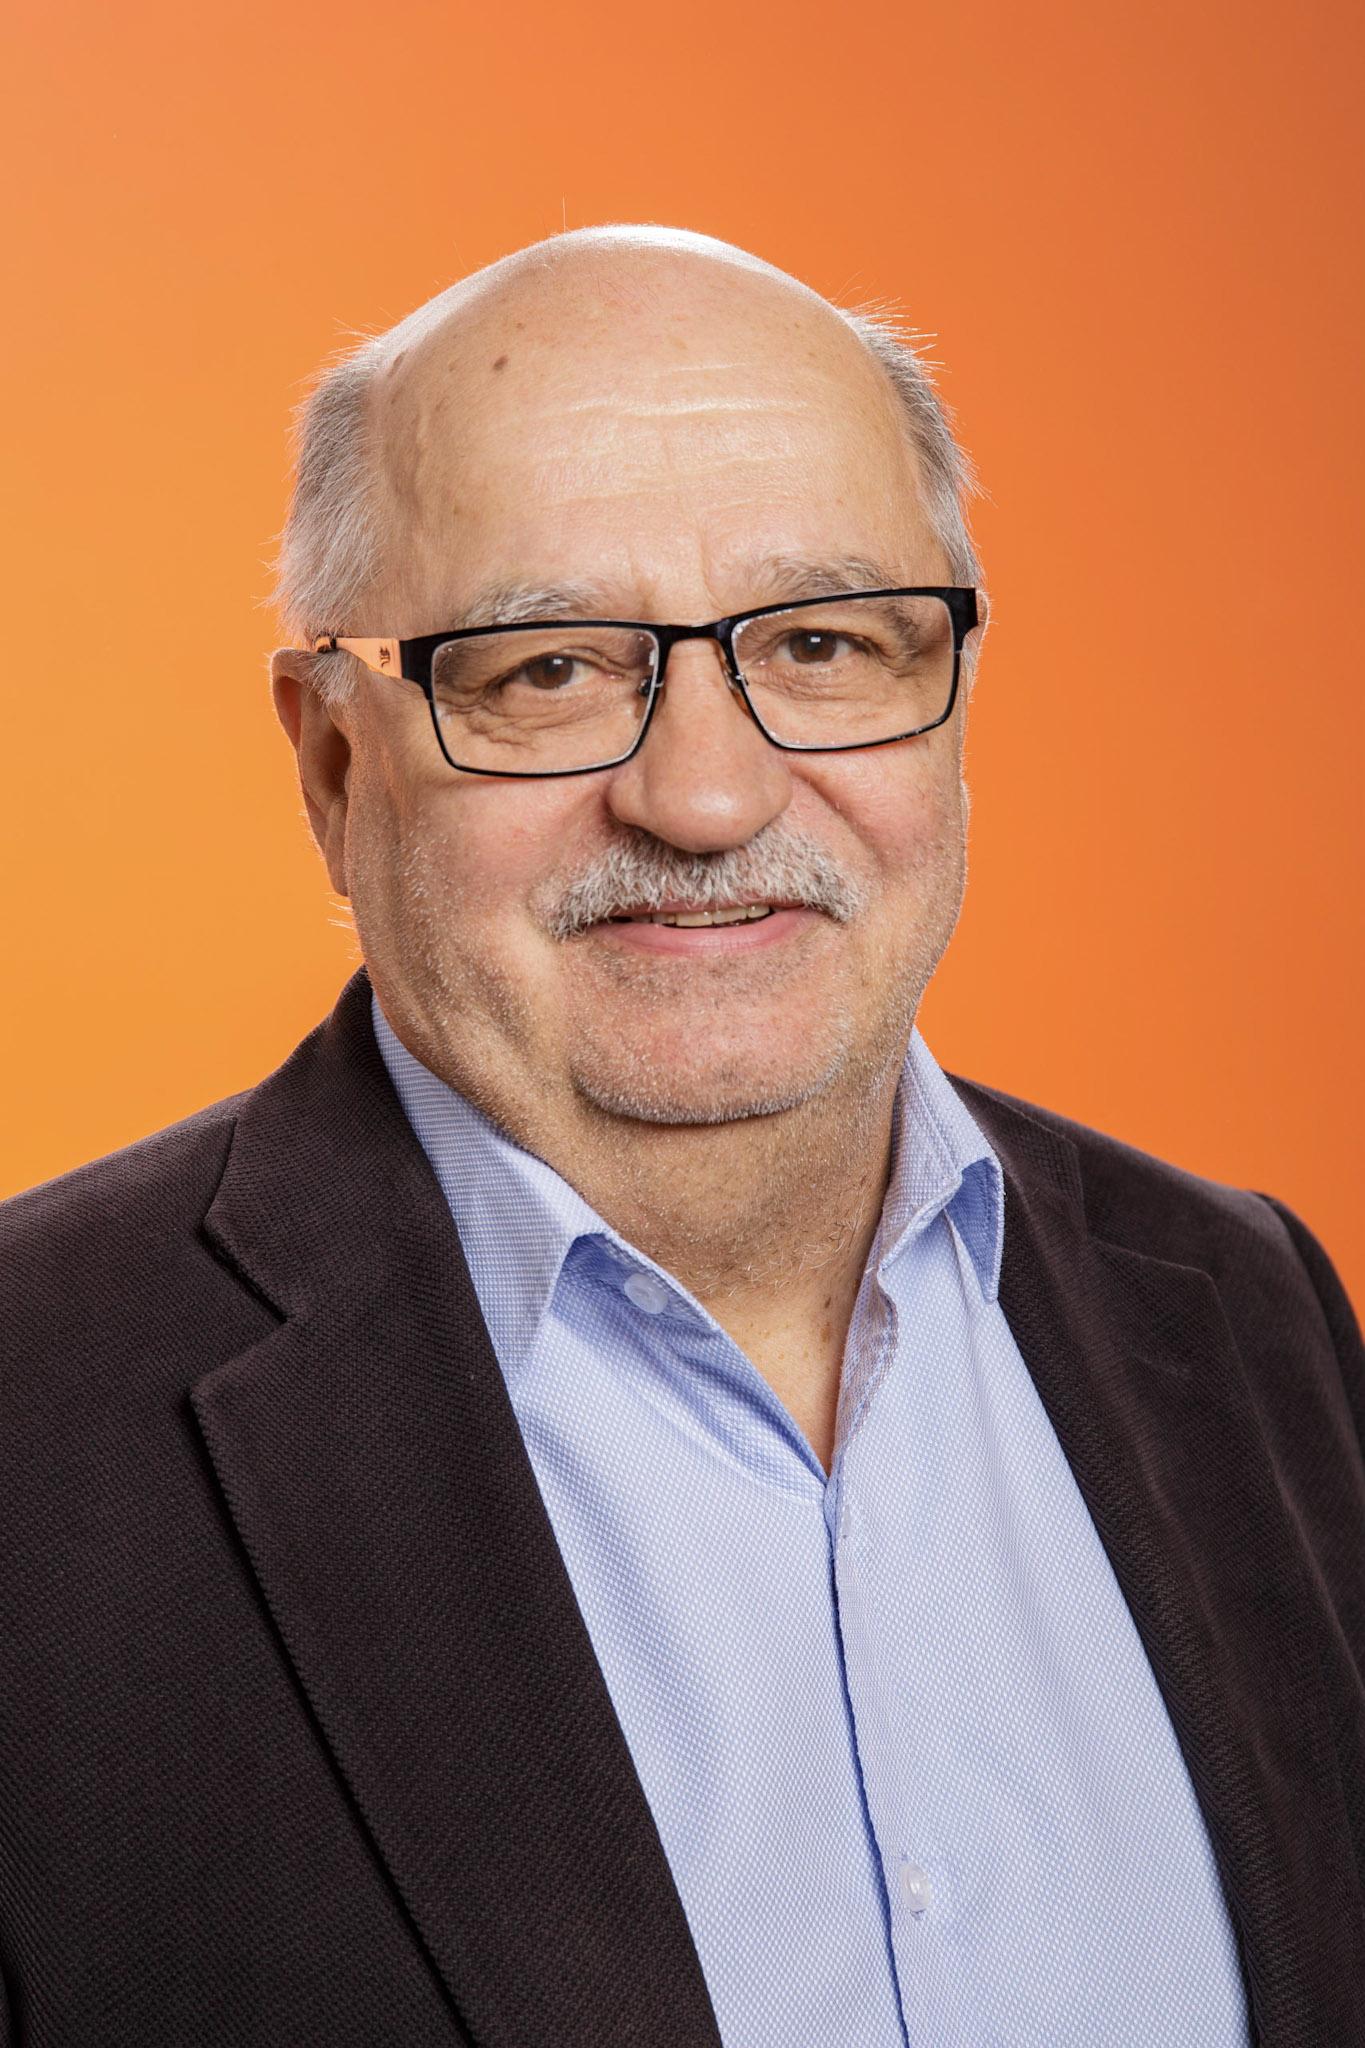 Mikko Seppälä